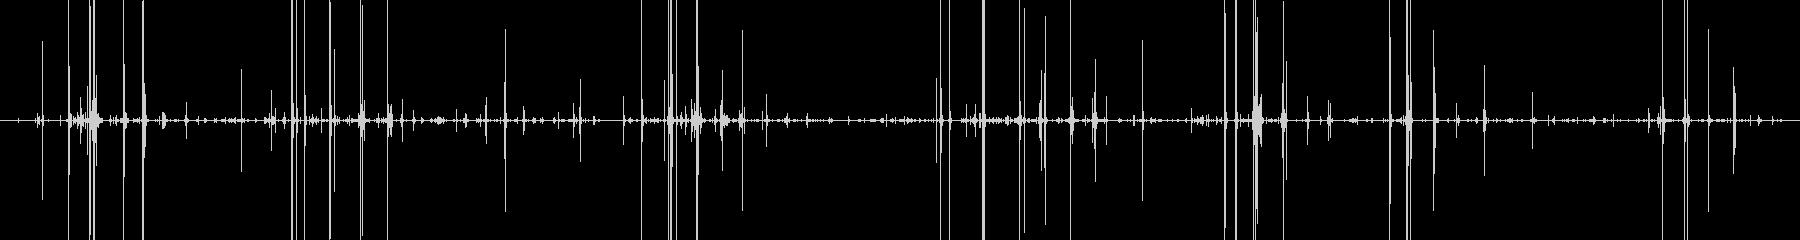 パリパリ チョコ咀嚼音の未再生の波形